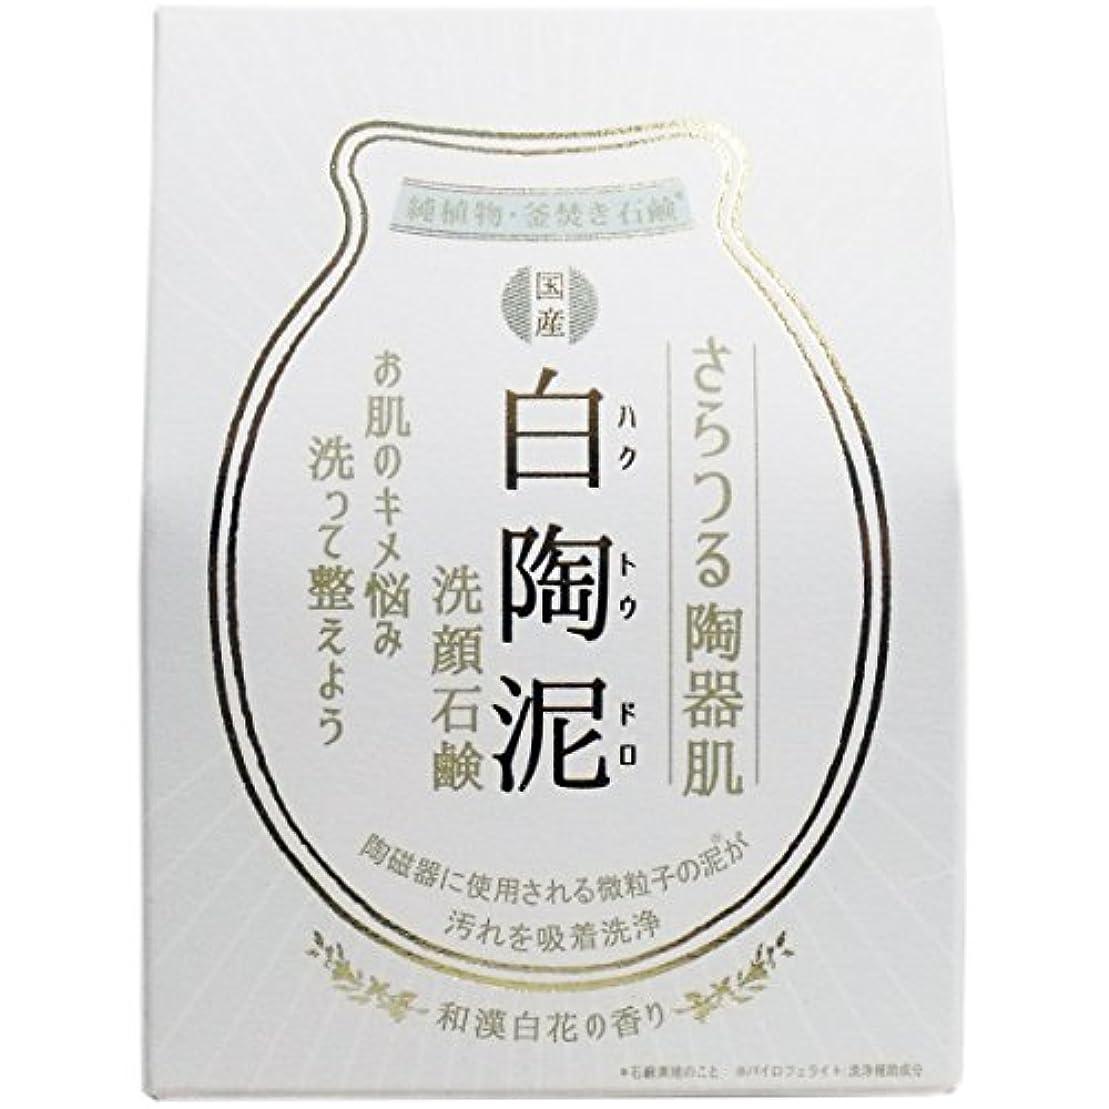 白陶泥洗顔石鹸 100g×5個セット